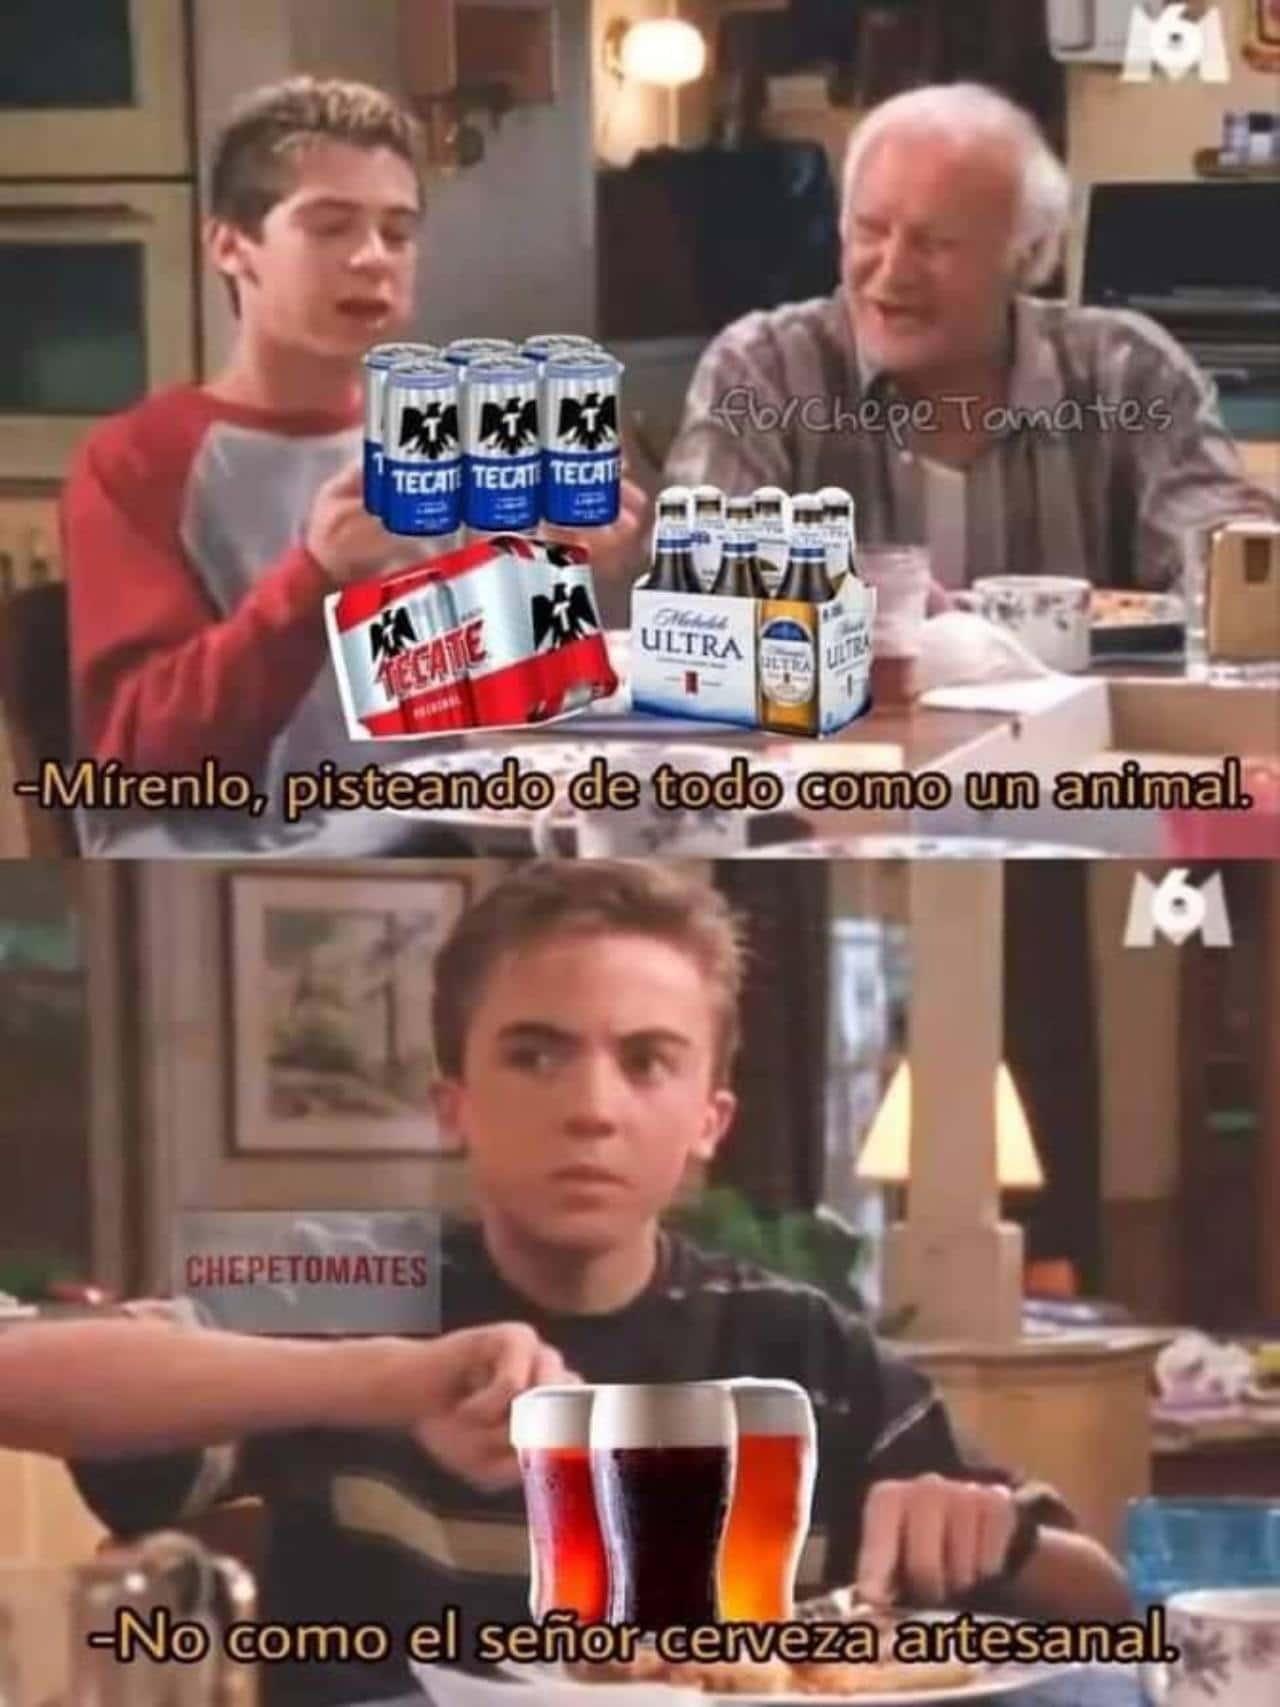 meme no como el señorito cerveza